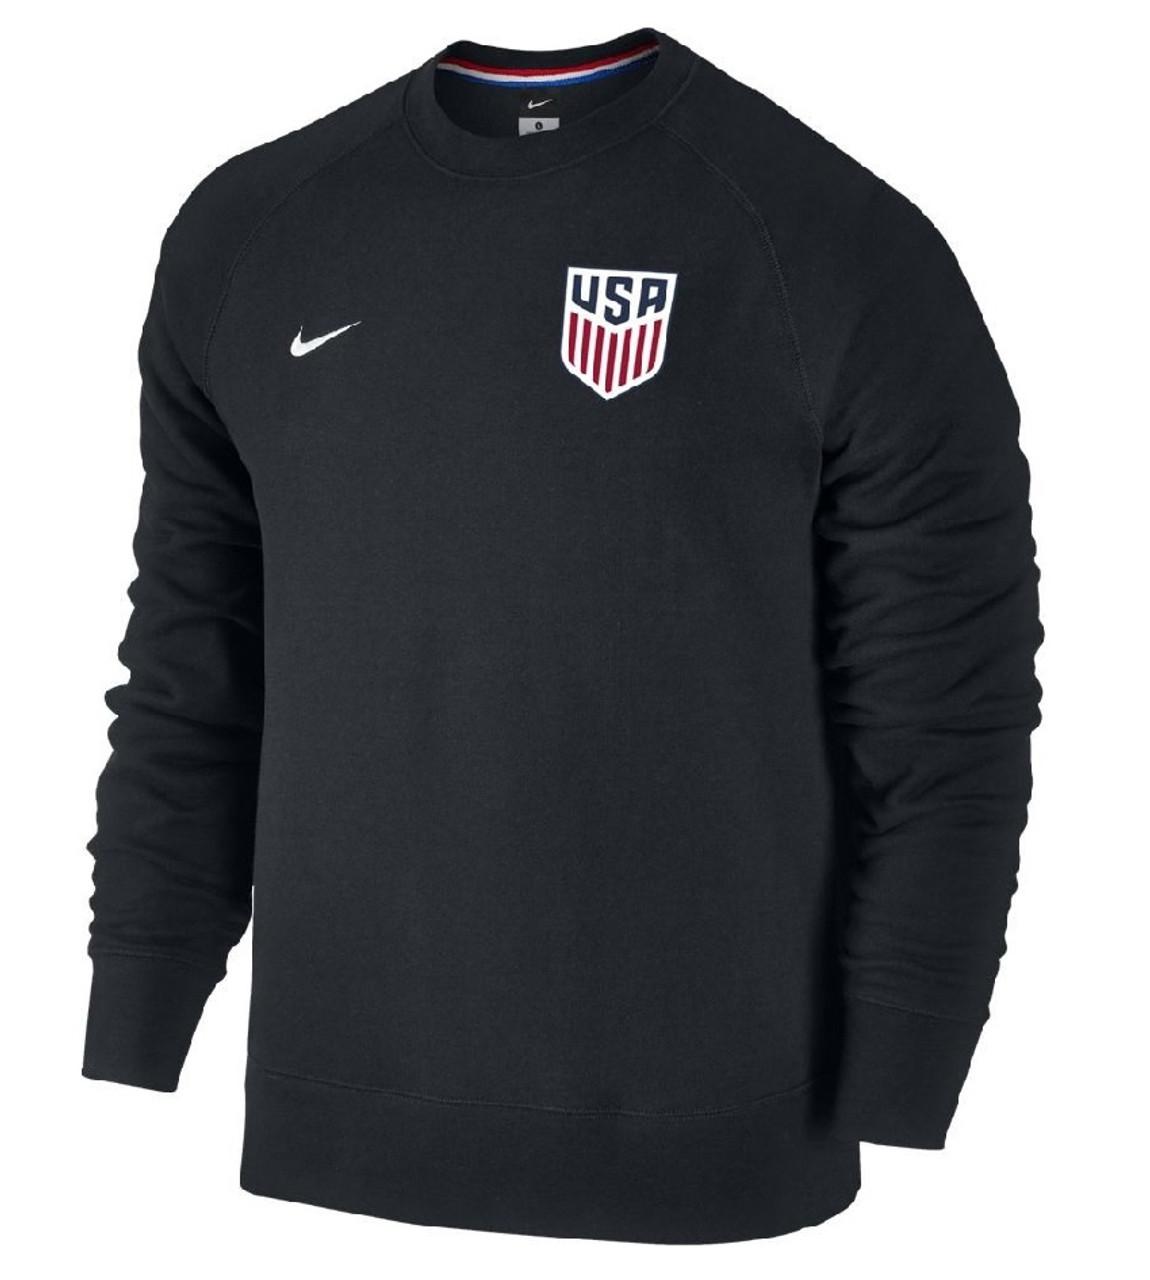 Nike Men's USA AW77 Authentic Crew Black SD (123119)